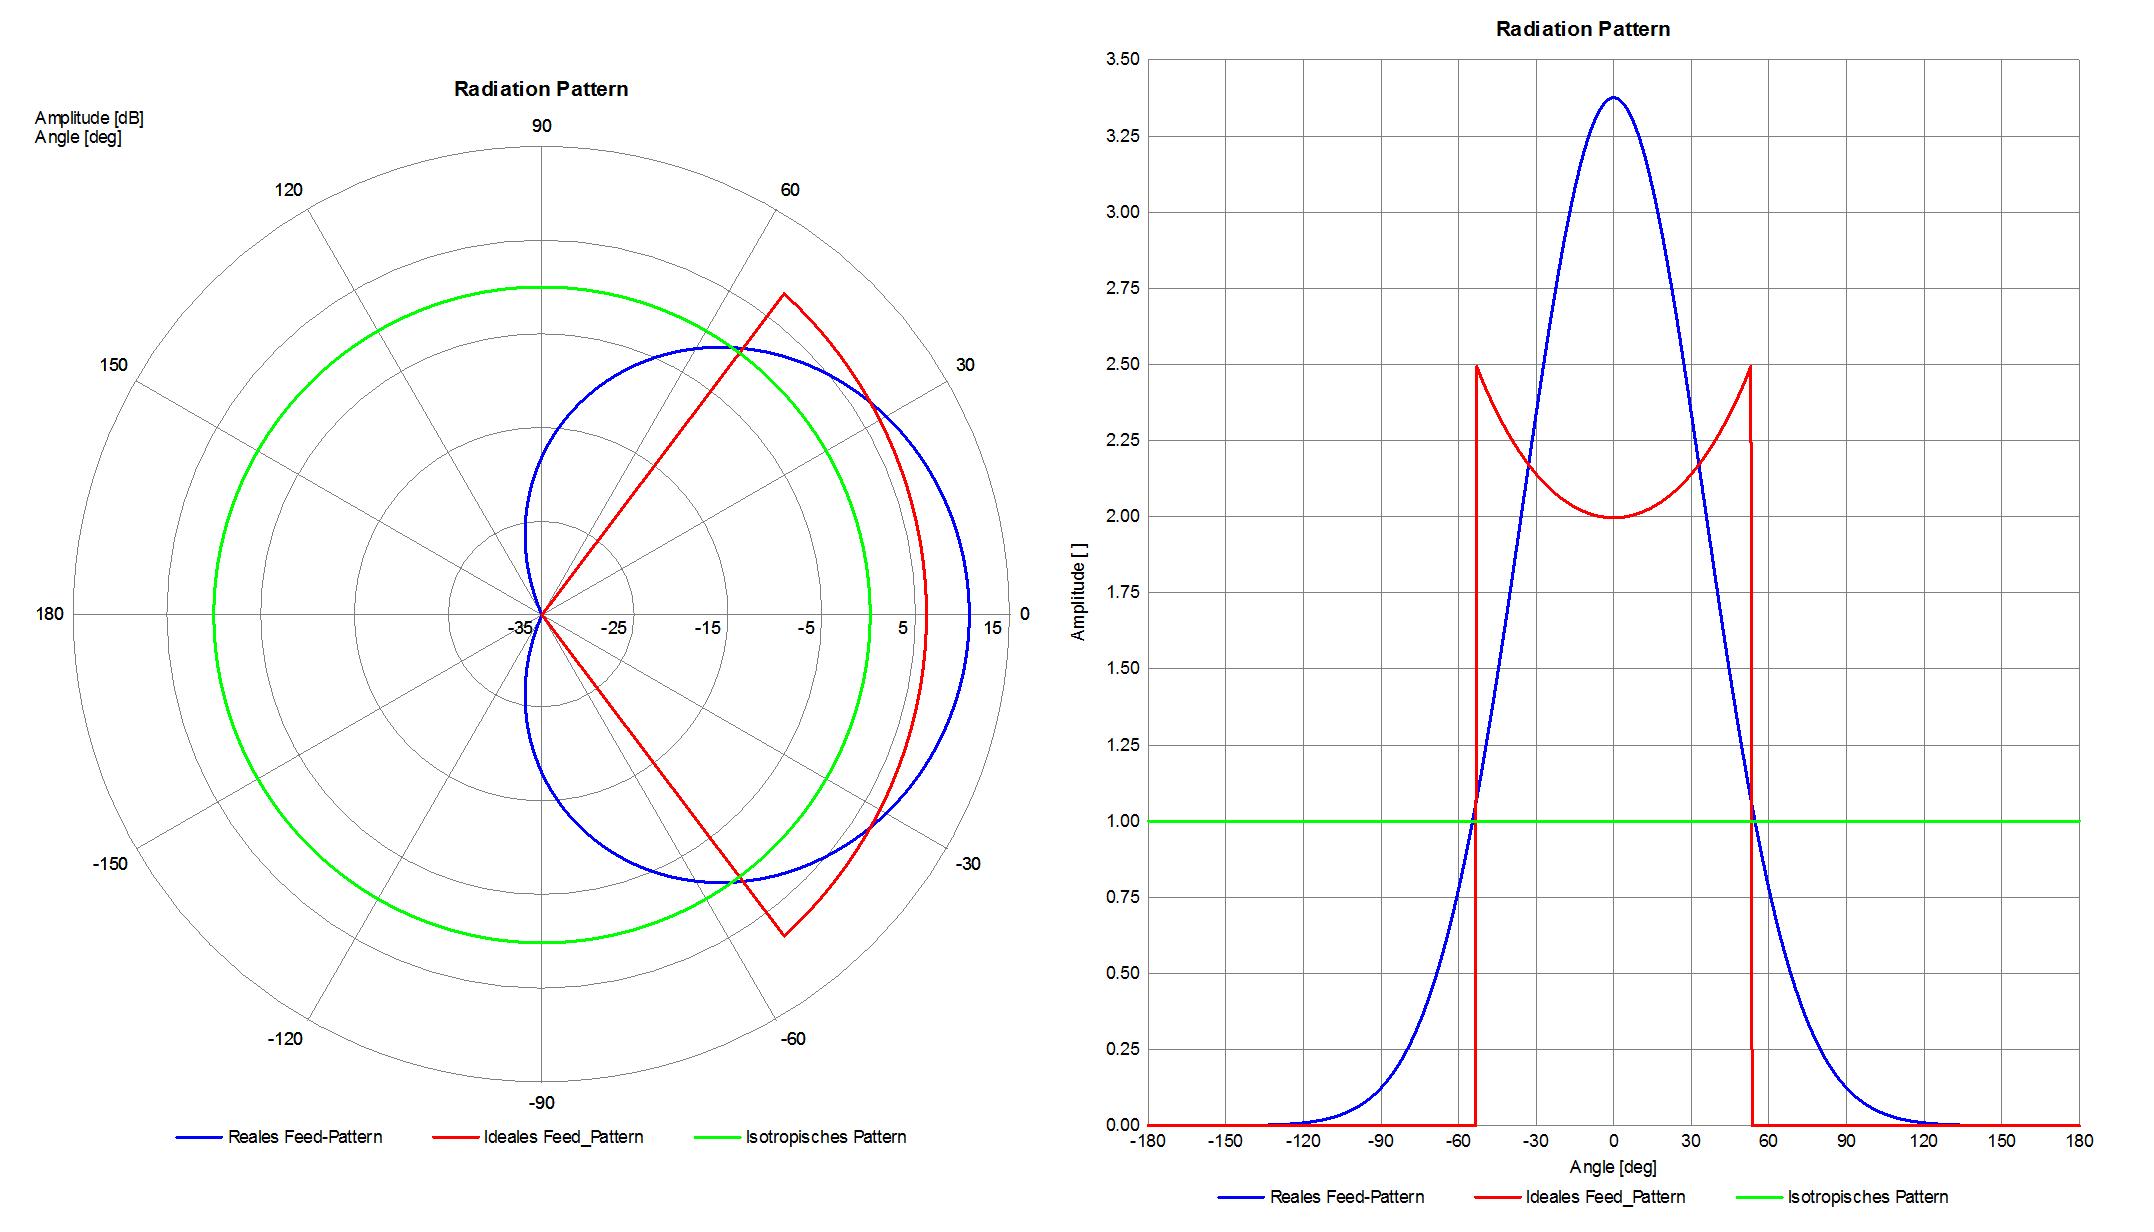 Abbildung 5: Strahldiagramme eines realen Feeds (blau), eines idealen Feeds (rot) und des Isotropen Kugelstrahlers